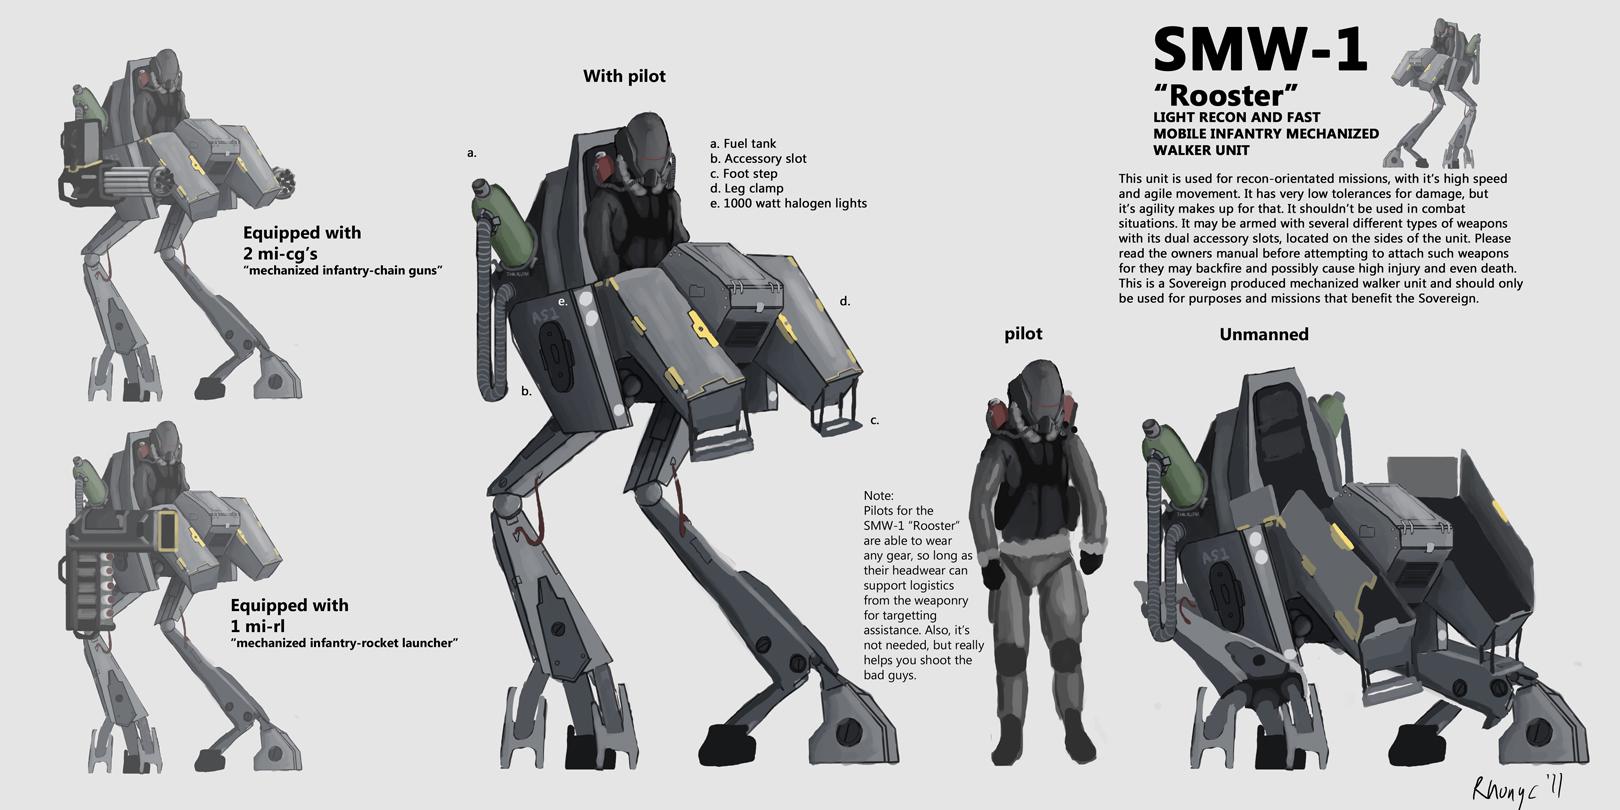 Concept: SMW-1